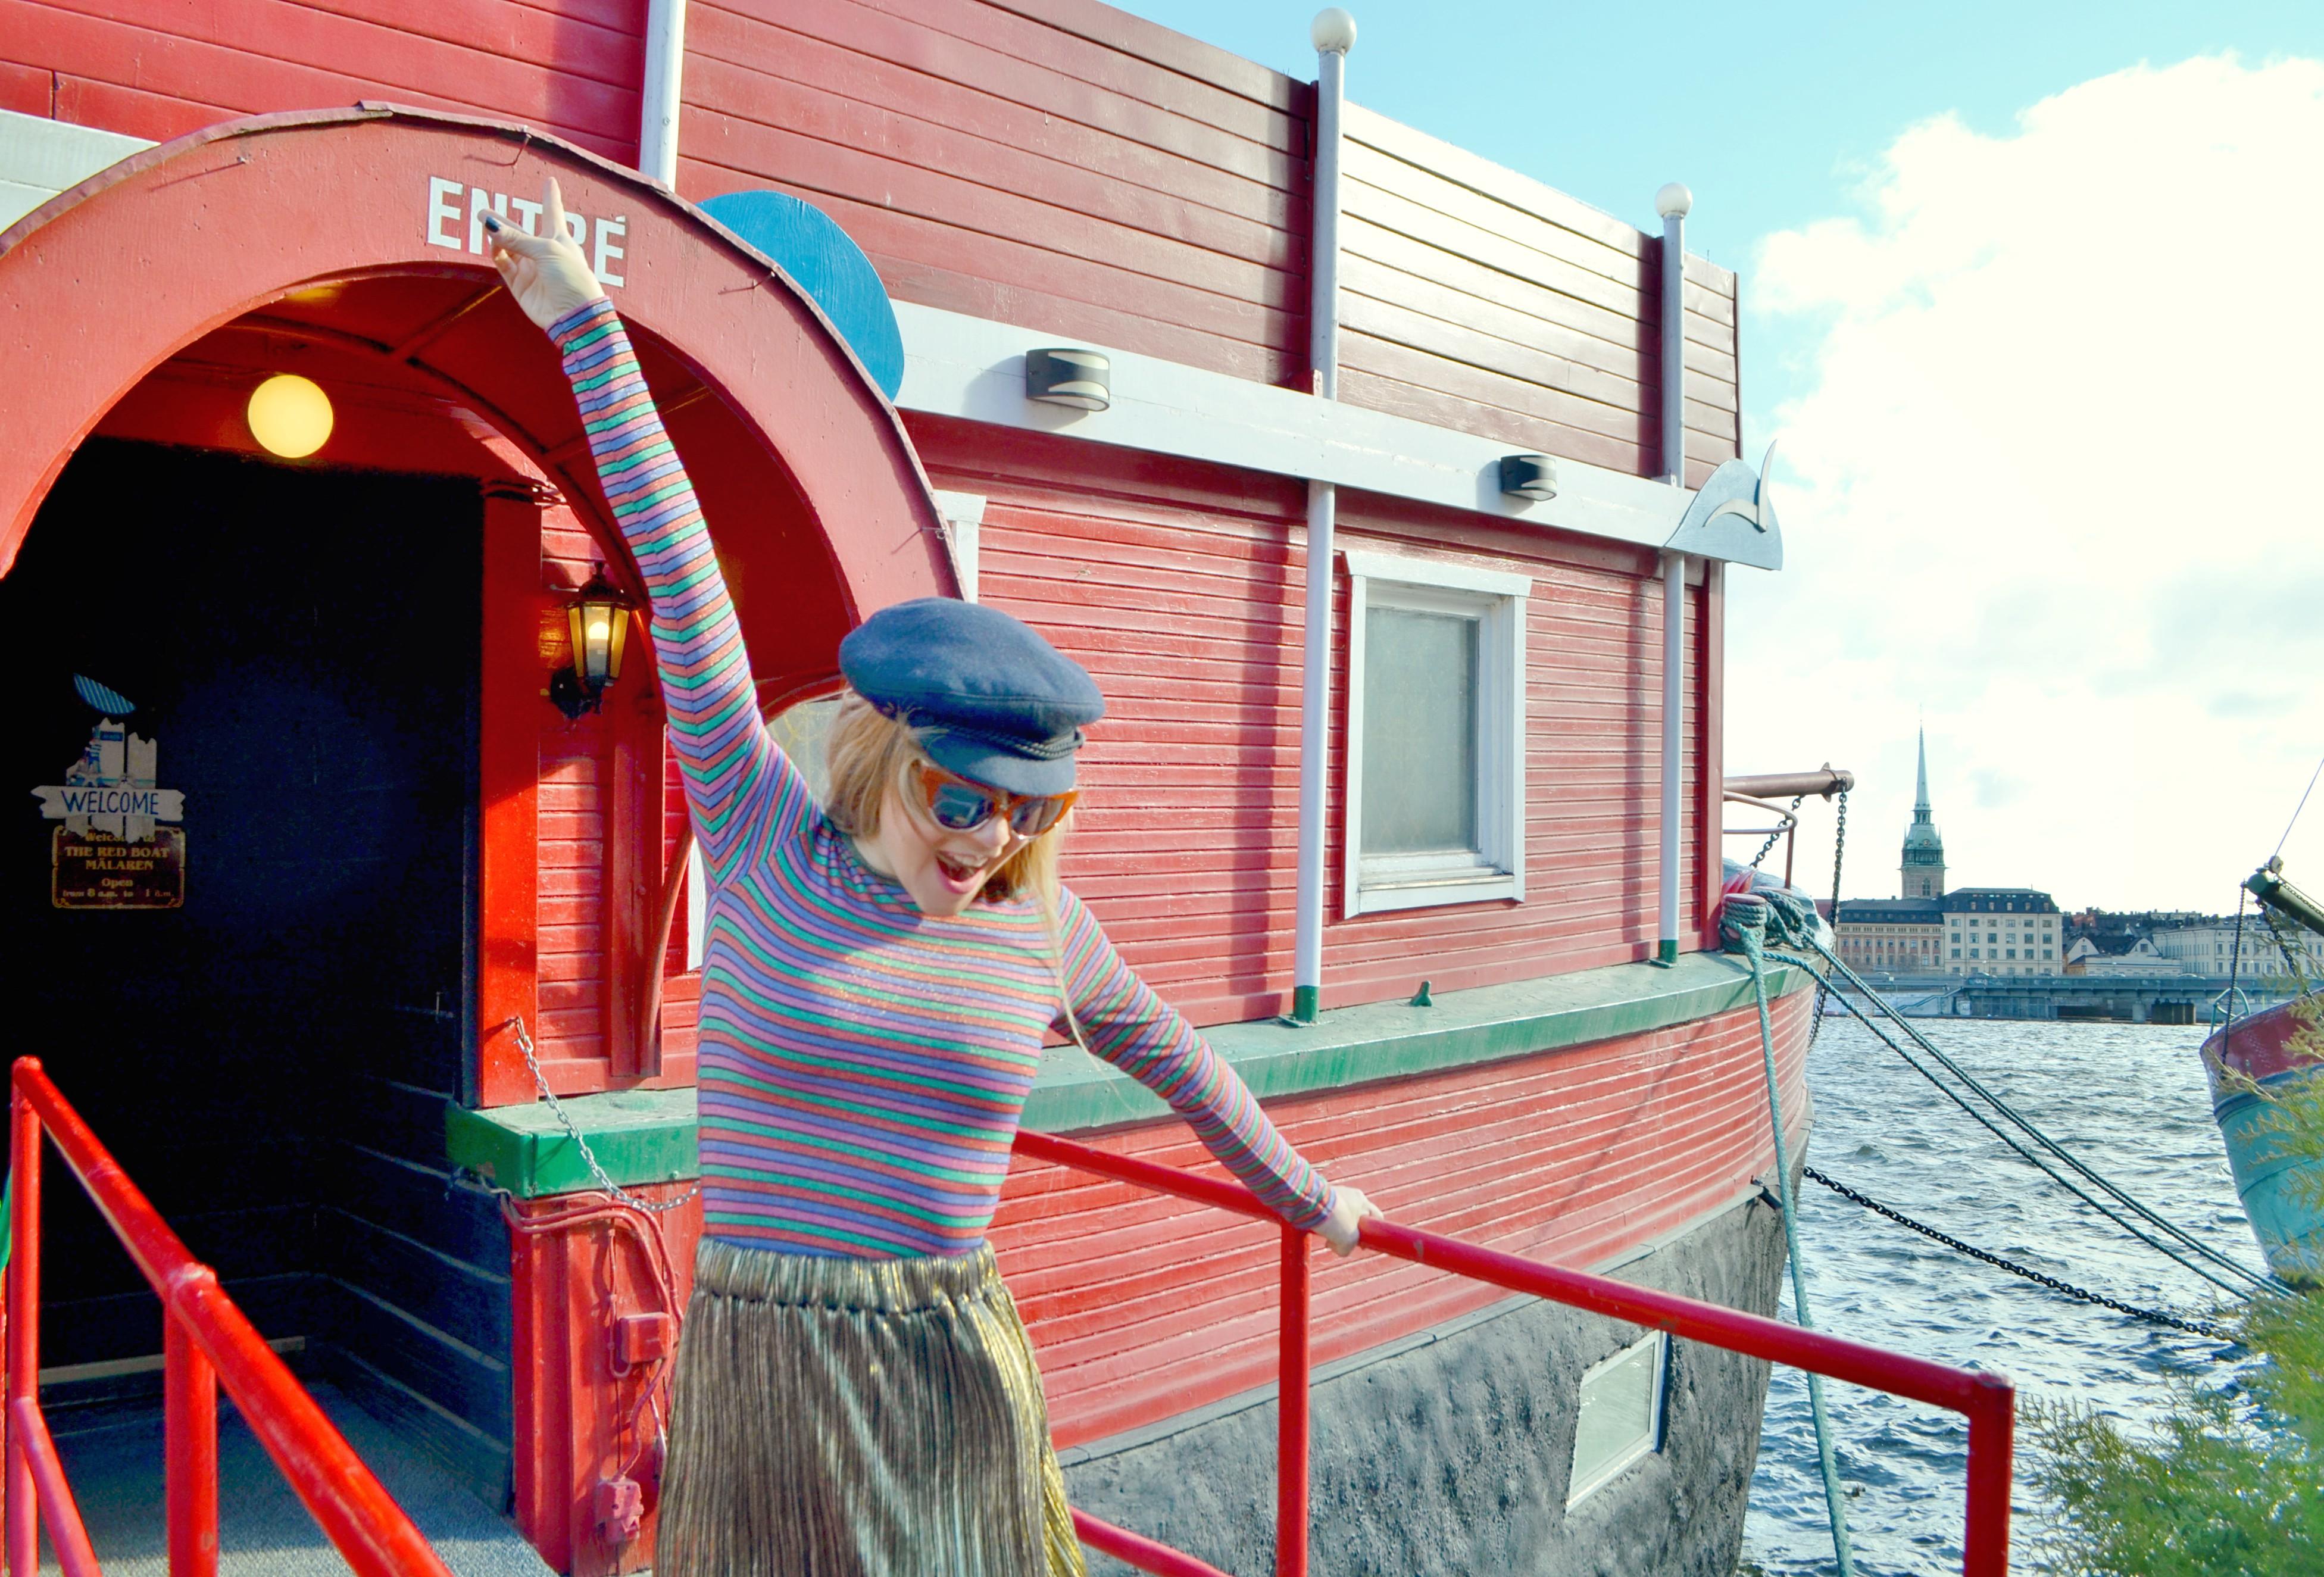 Look-dorado-chic-adicta-blog-de-moda-chicadicta-falda-dorada-influencer-travel-blogger-PiensaenChic-Piensa-en-Chic